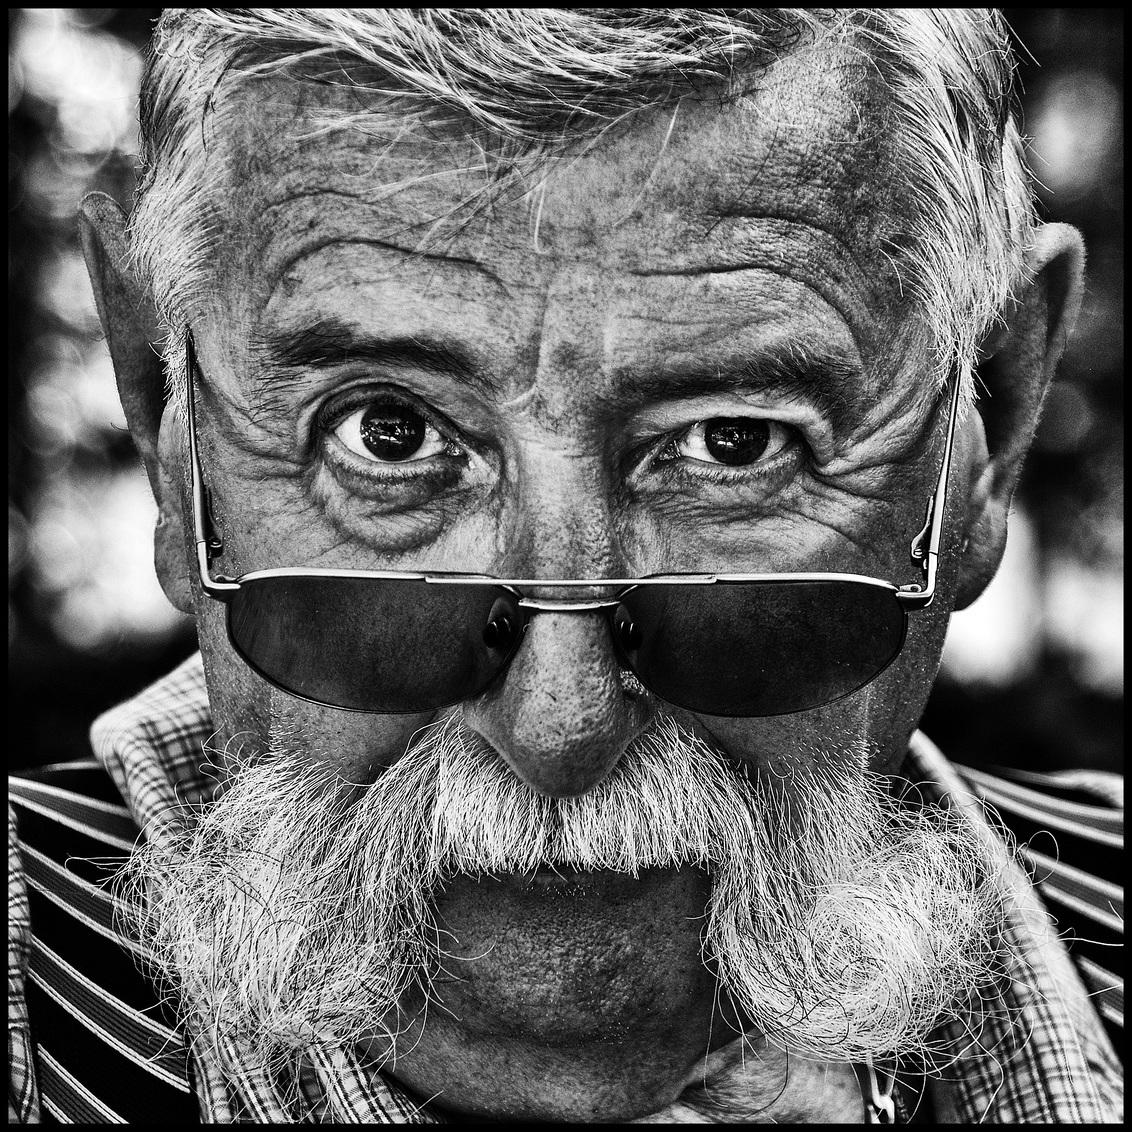 Kunstenaar - - - foto door etiennec op 30-11-2015 - deze foto bevat: man, portret, zwartwit, straatfotografie